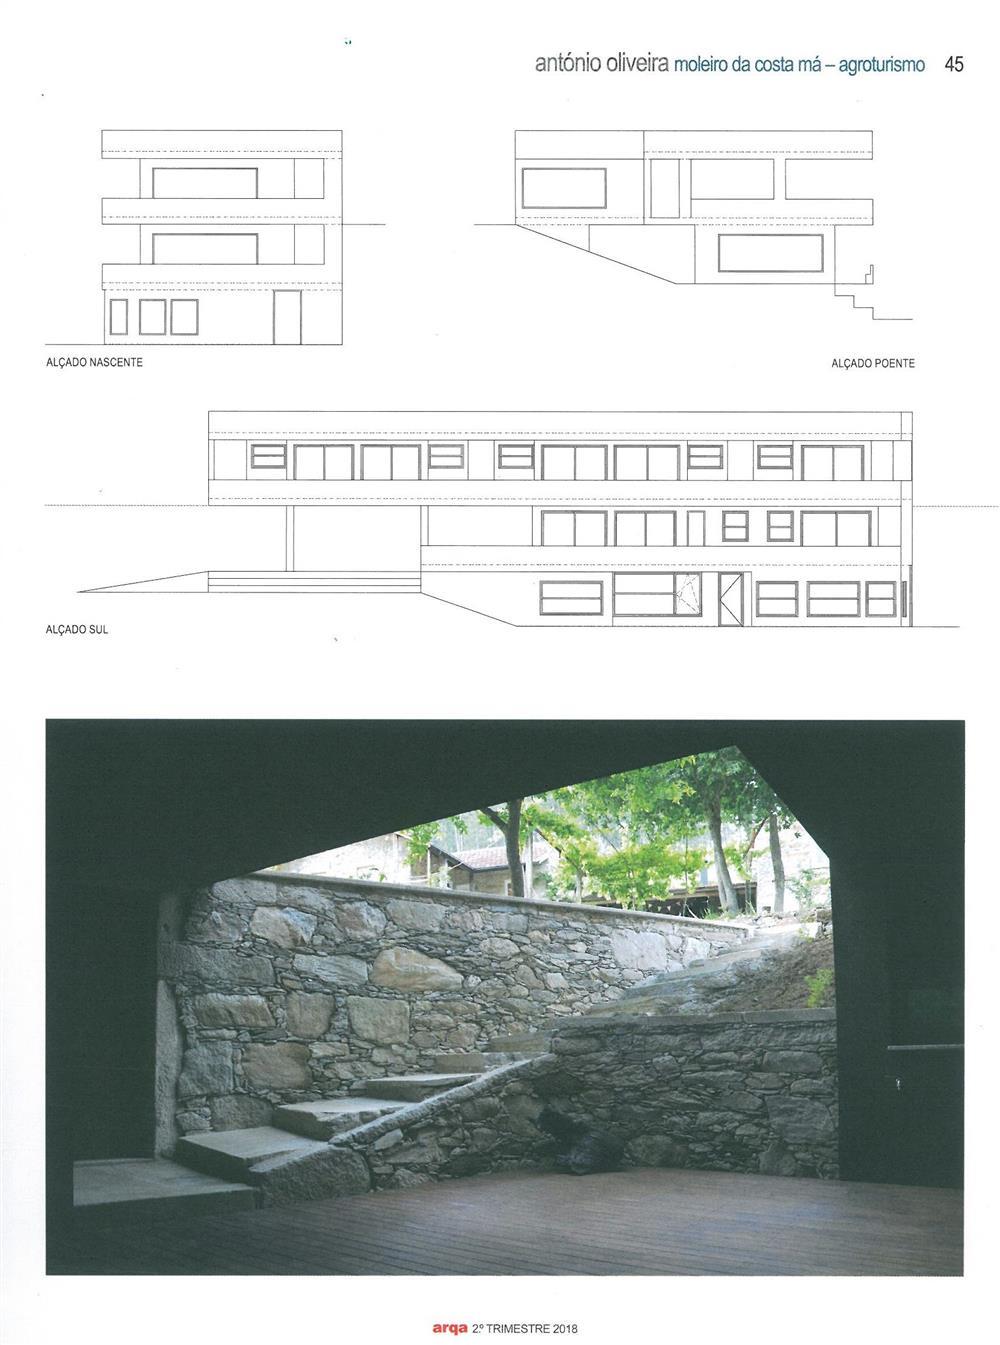 Arqa-N.º130,2.ºtrim.'18-p.45-António Oliveira.jpg